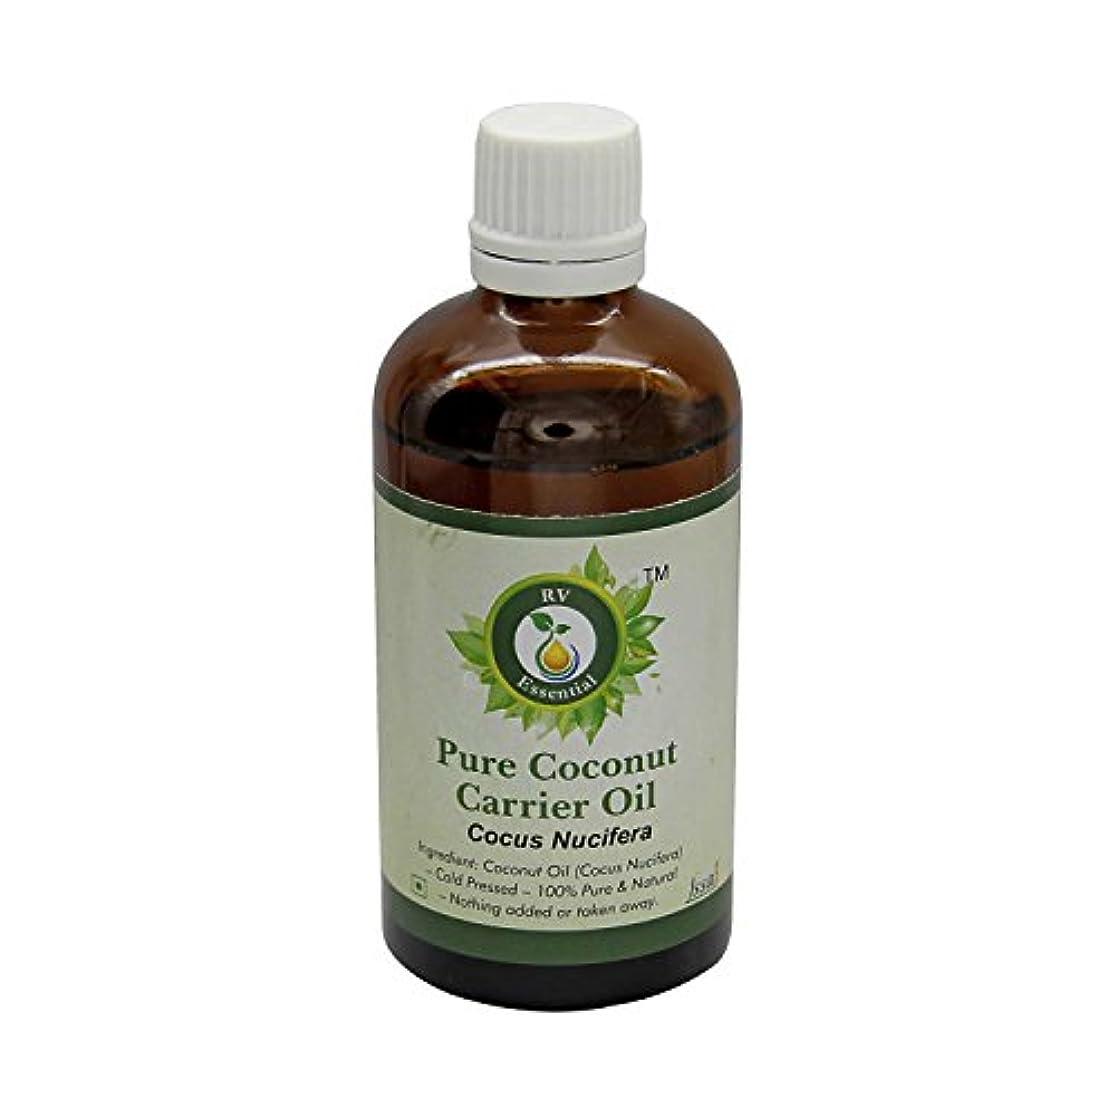 ビート愛撫六月R V Essential 純粋なココナッツキャリアオイル10ml (0.338oz)- Cocus Nucifera (100%ピュア&ナチュラルコールドPressed) Pure Coconut Carrier Oil